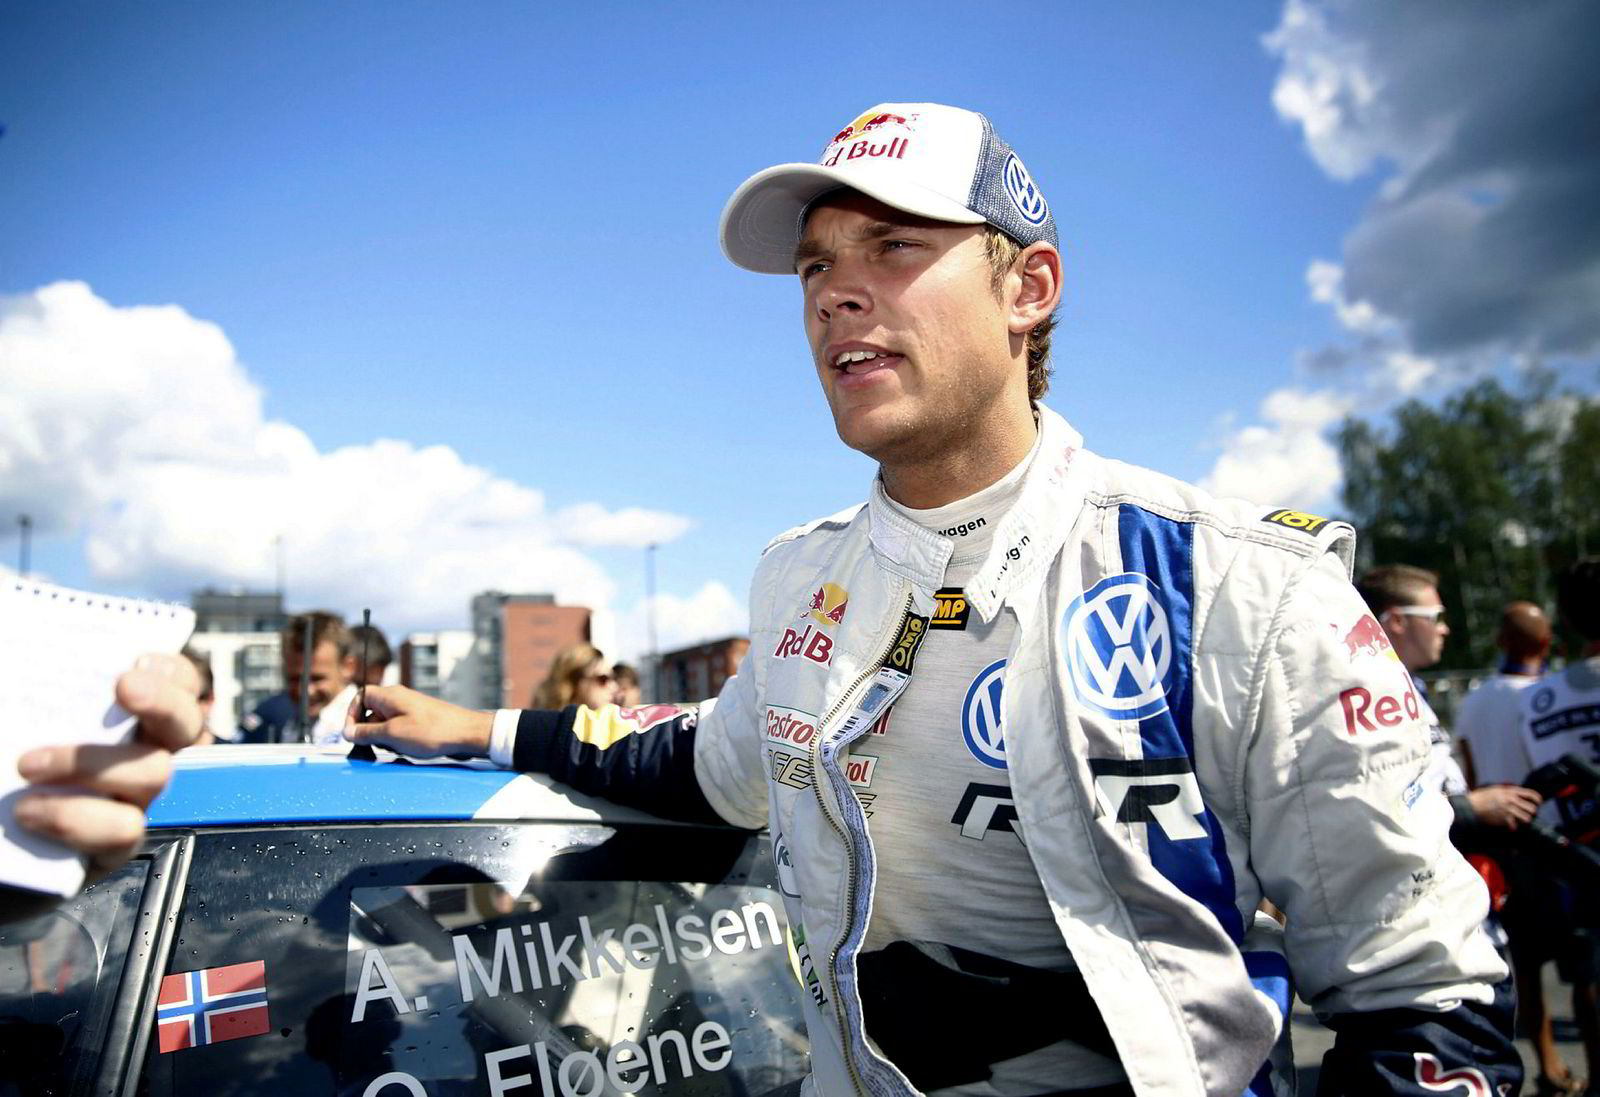 Rallysjåfør Andreas Mikkelsen har utviklet Hipdrivers sammen med sin bror.